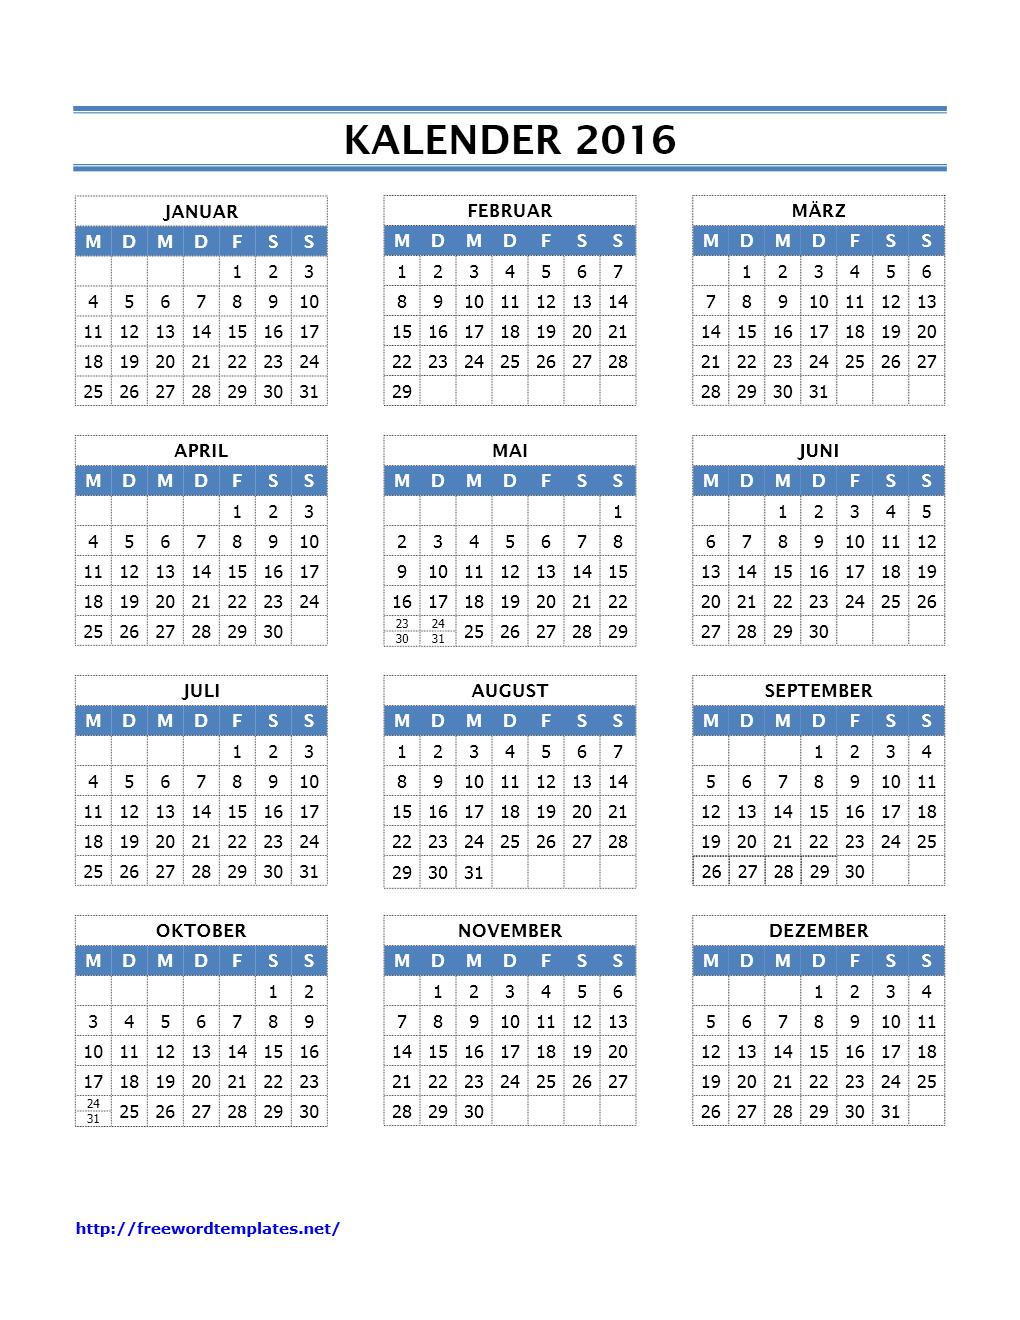 Kalender 2016 Vorlagen